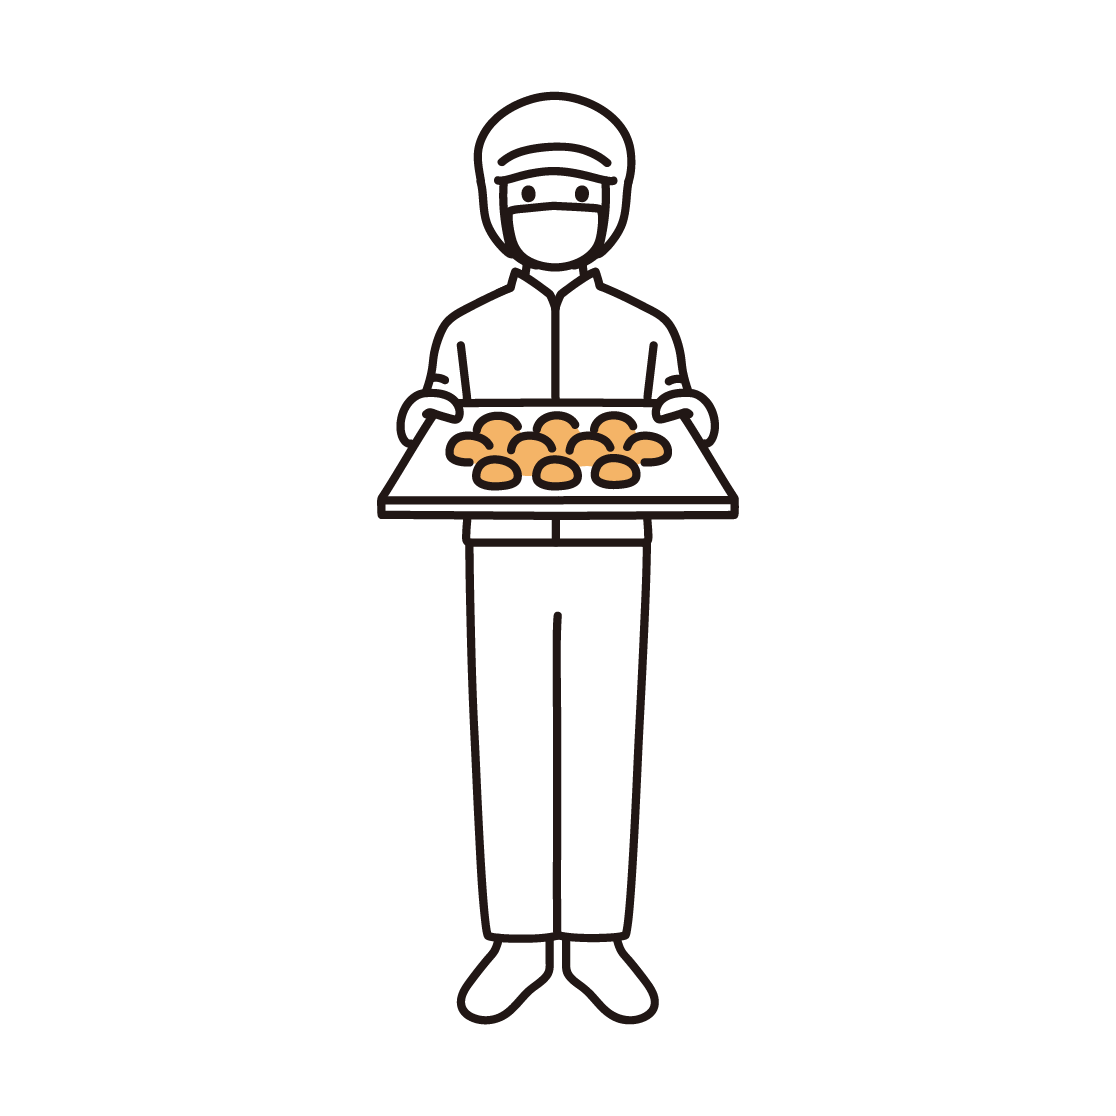 パン工場の製造スタッフ(男性)